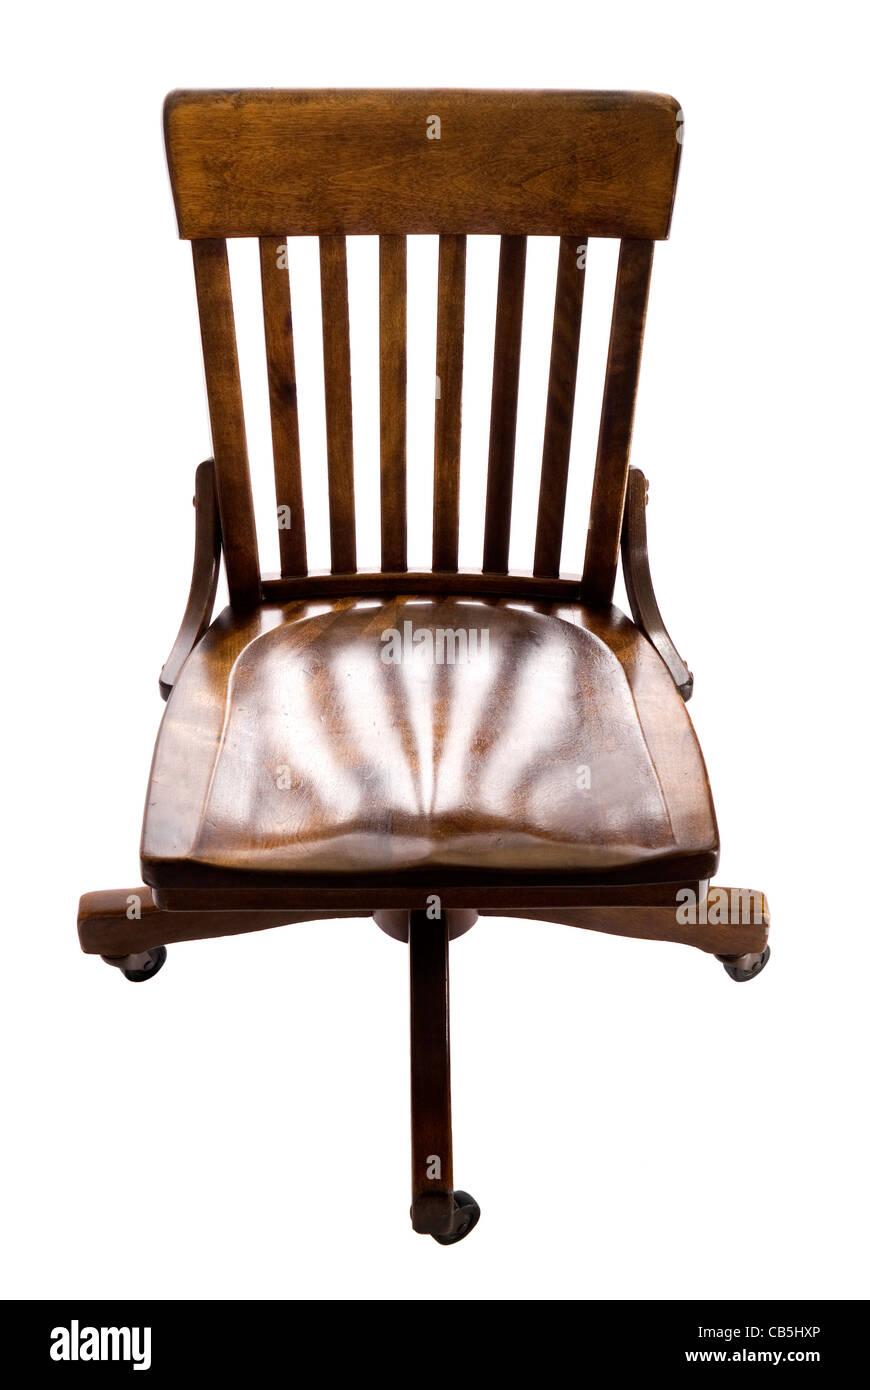 Antique oak swivel desk chair on wheels. - Antique Oak Swivel Desk Chair On Wheels Stock Photo: 41305790 - Alamy